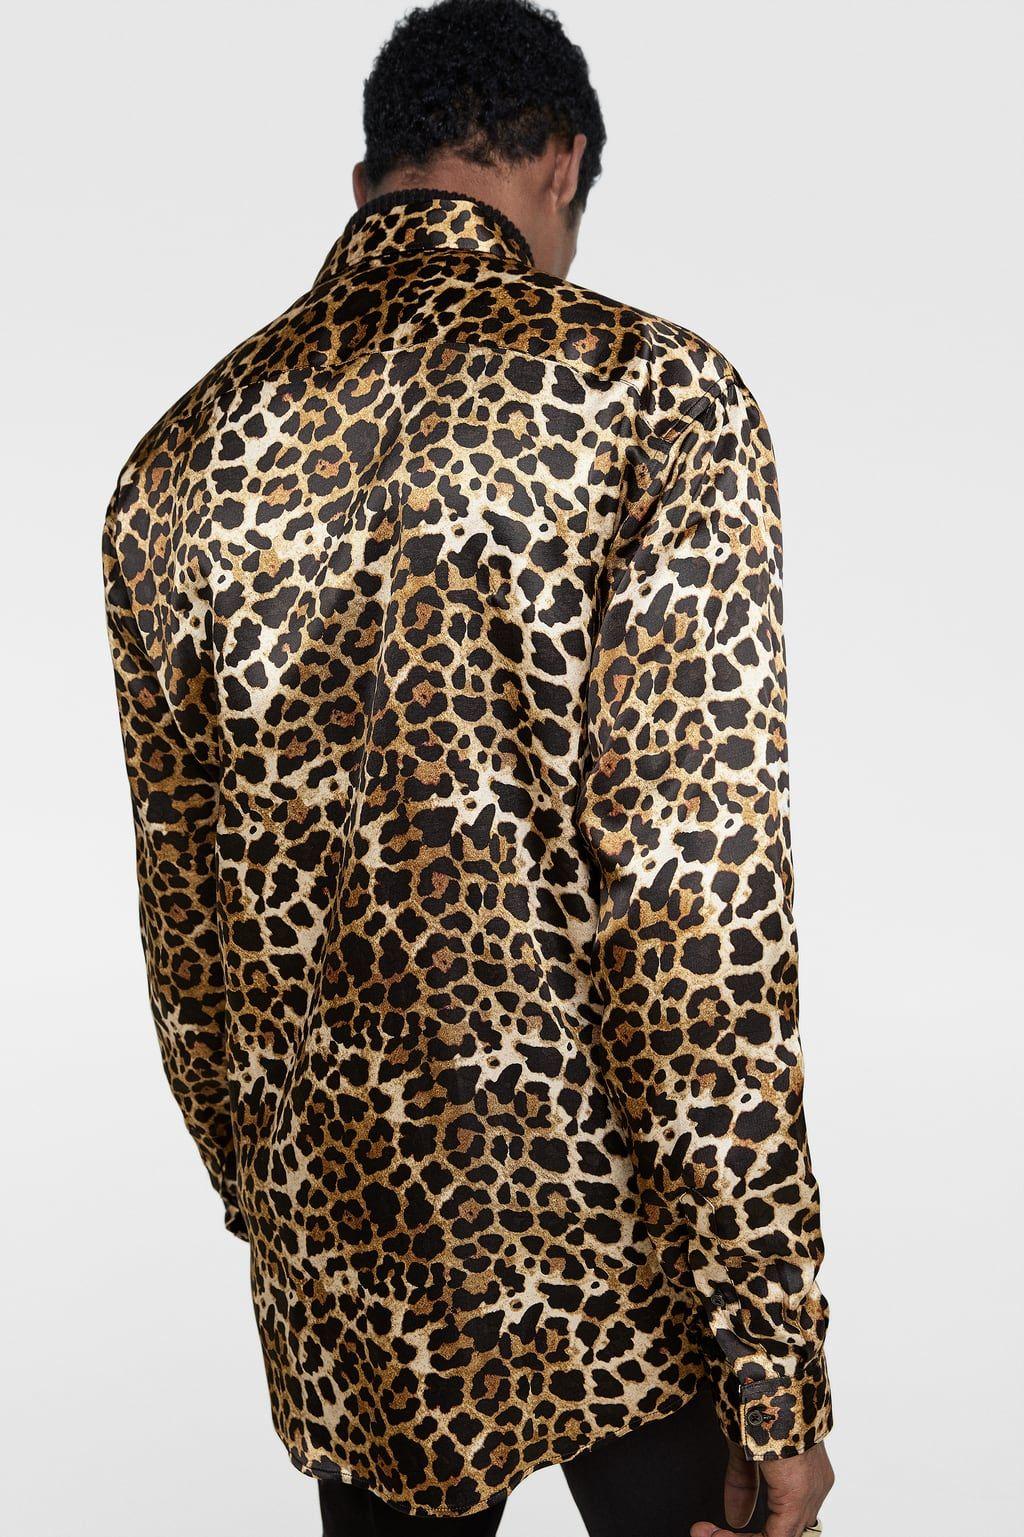 Image 3 Of Animal Print Satin Shirt From Zara Cheetah Print Shirts Printed Shirts Printed Shirts Men [ 1537 x 1024 Pixel ]